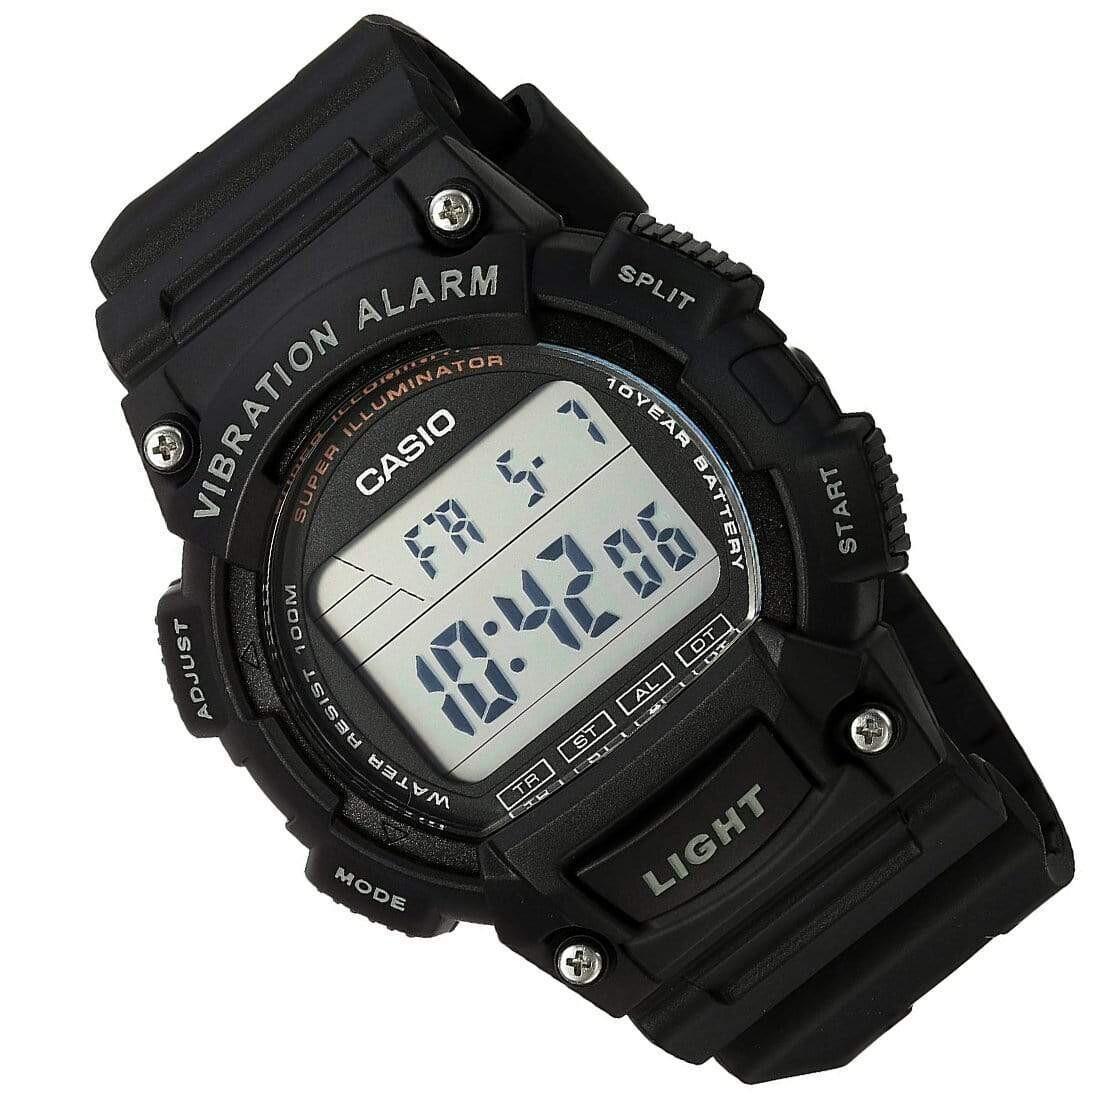 reloj deportivo Casio W-736H-1AV Alarma Vibratoria Super Illuminator 100m resistente al agua